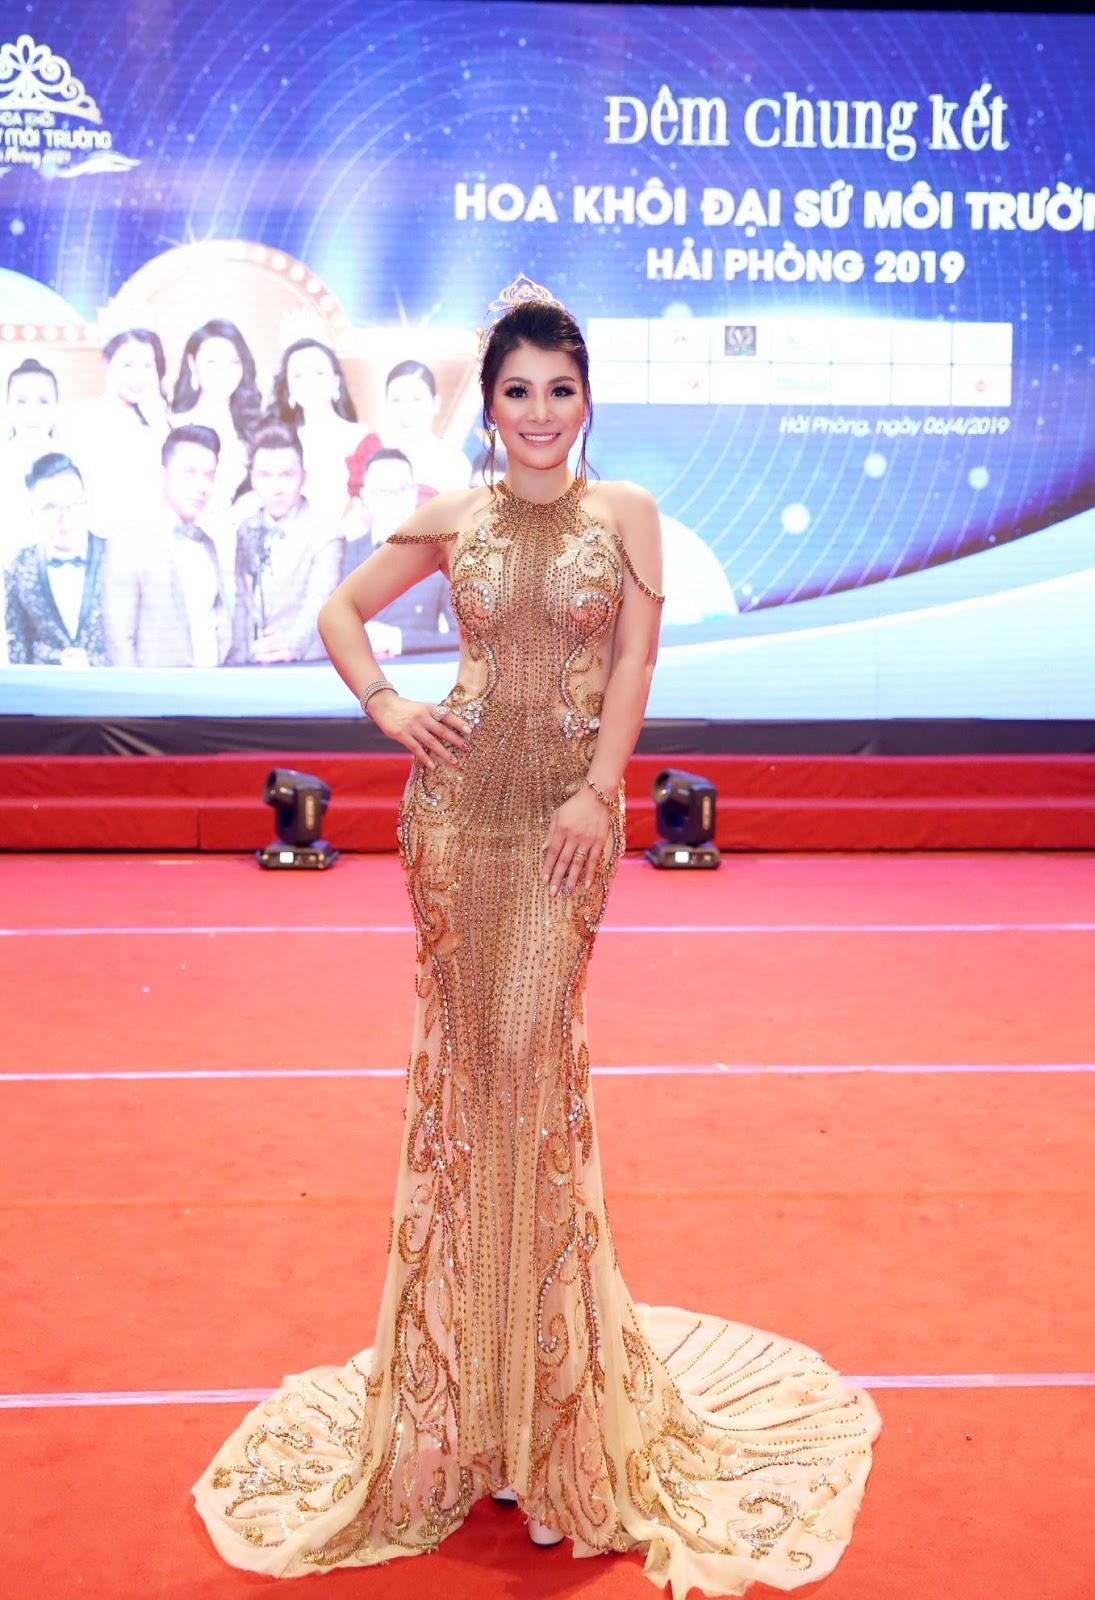 Hoa hậu doanh nhân Đàm Hương Thủy nổi bật khi ngồi ghế giám khảo Hoa khôi Đại sứ môi trường Hải Phòng năm 2019  - Ảnh 5